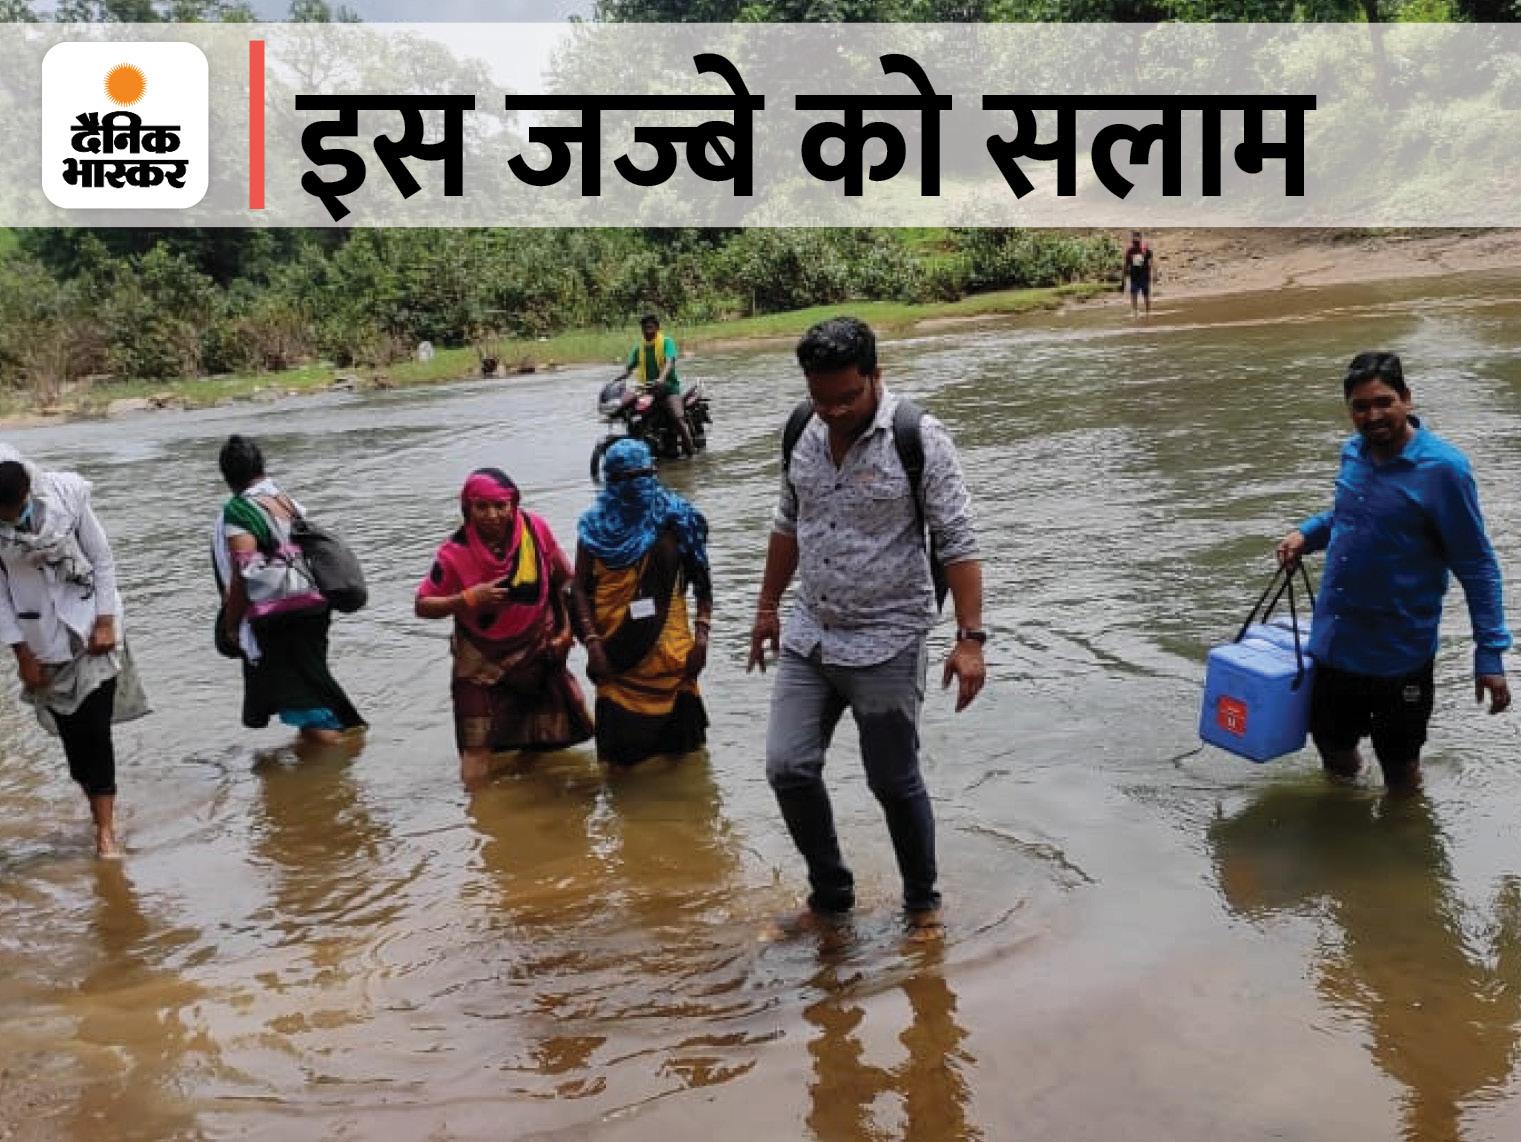 होशंगाबाद के दो गांवों में जंगल, पहाड़ और नदी पार कर पहुंची टीम; एक गांव में 100% वैक्सीनेशन, दूसरे गांव में डाला डेरा|होशंगाबाद,Hoshangabad - Dainik Bhaskar